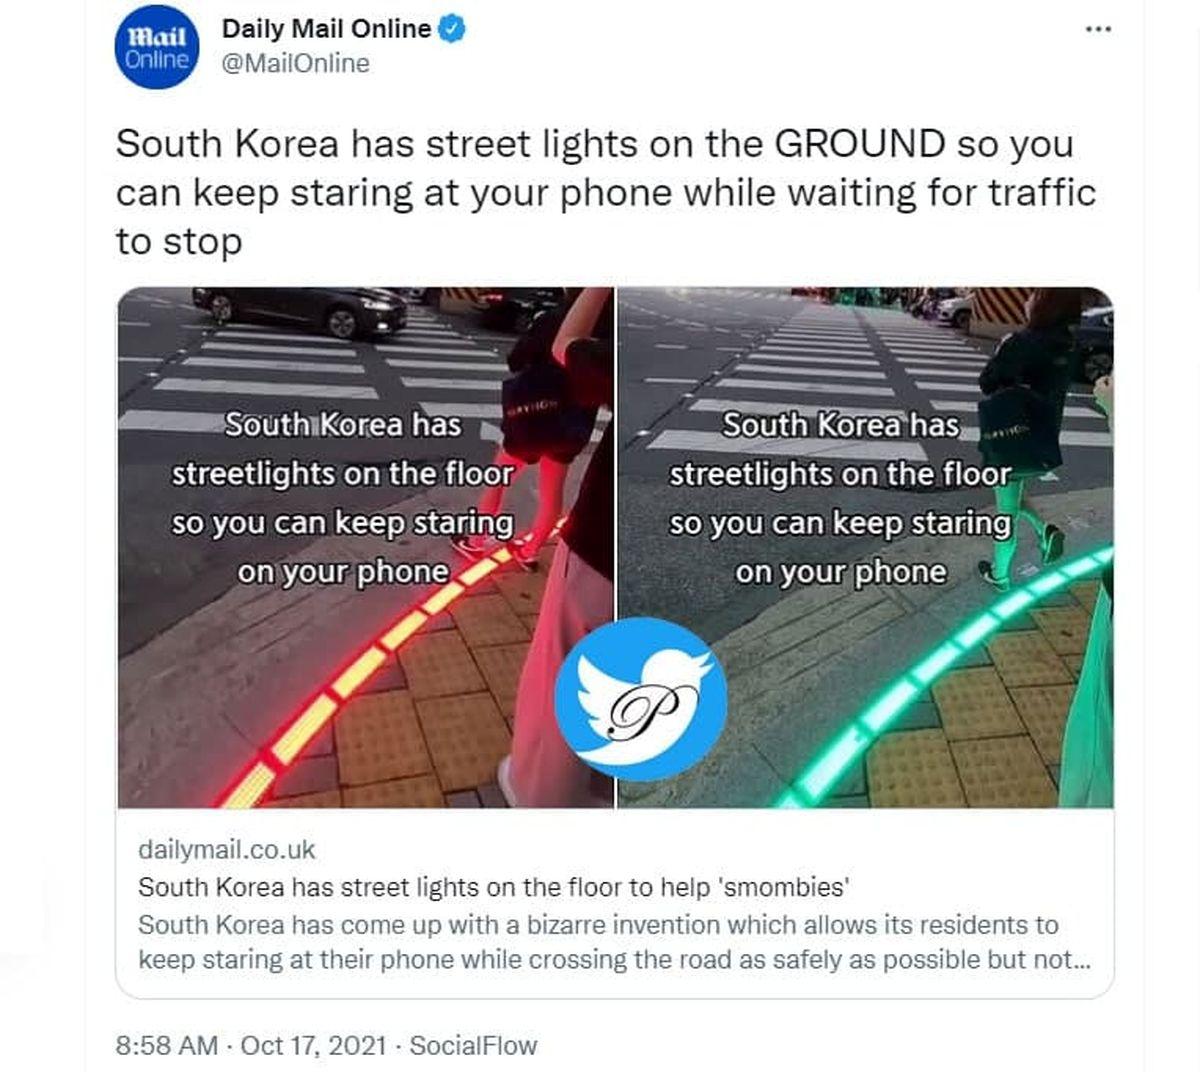 نصب چراغ راهنمایی کف خیابانهای کره جنوبی +عکس